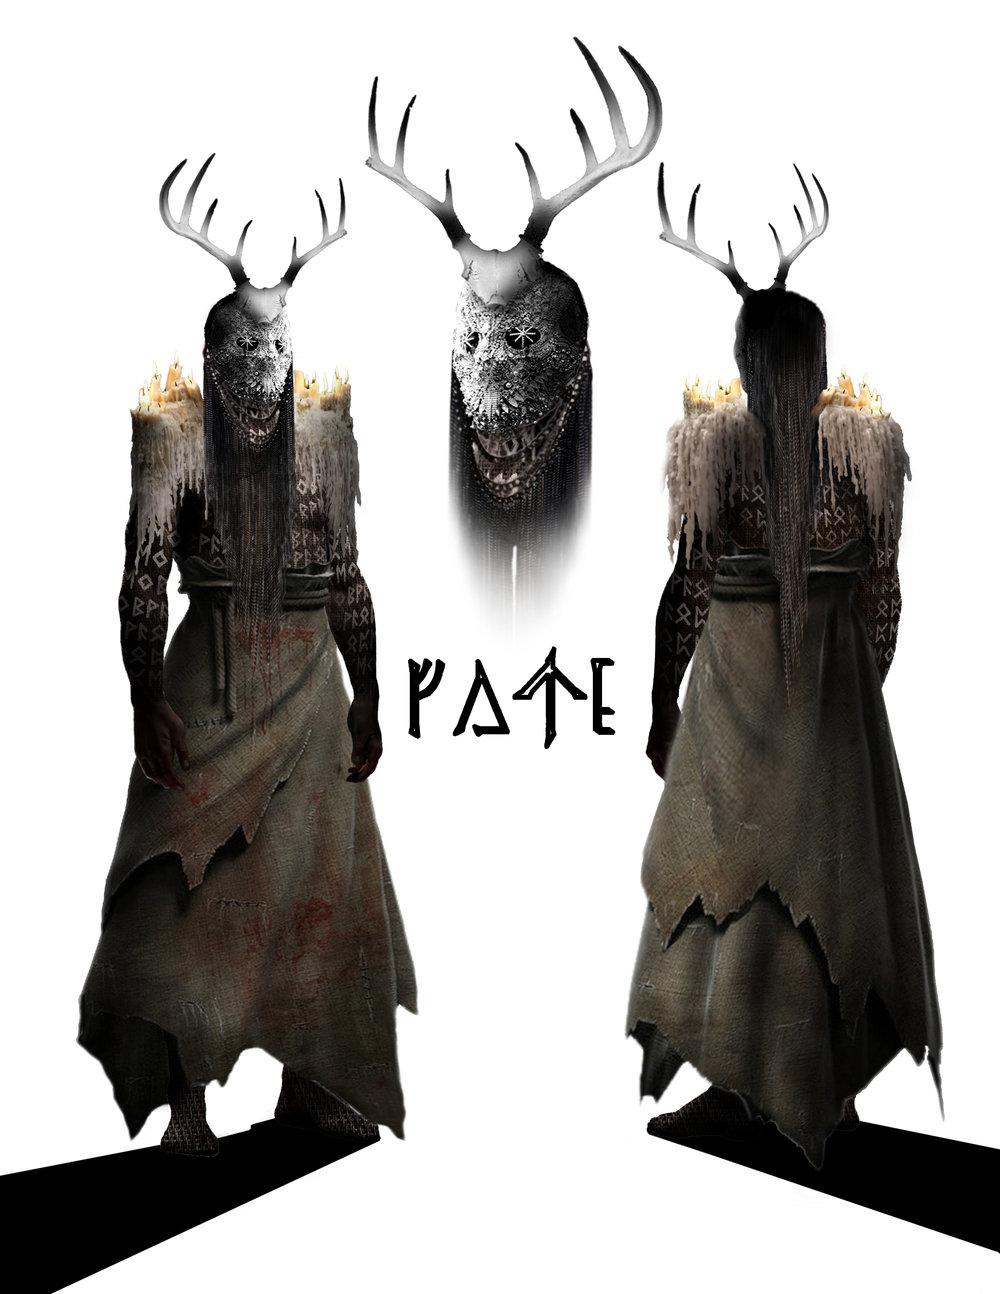 FATE/URD - Costume Design